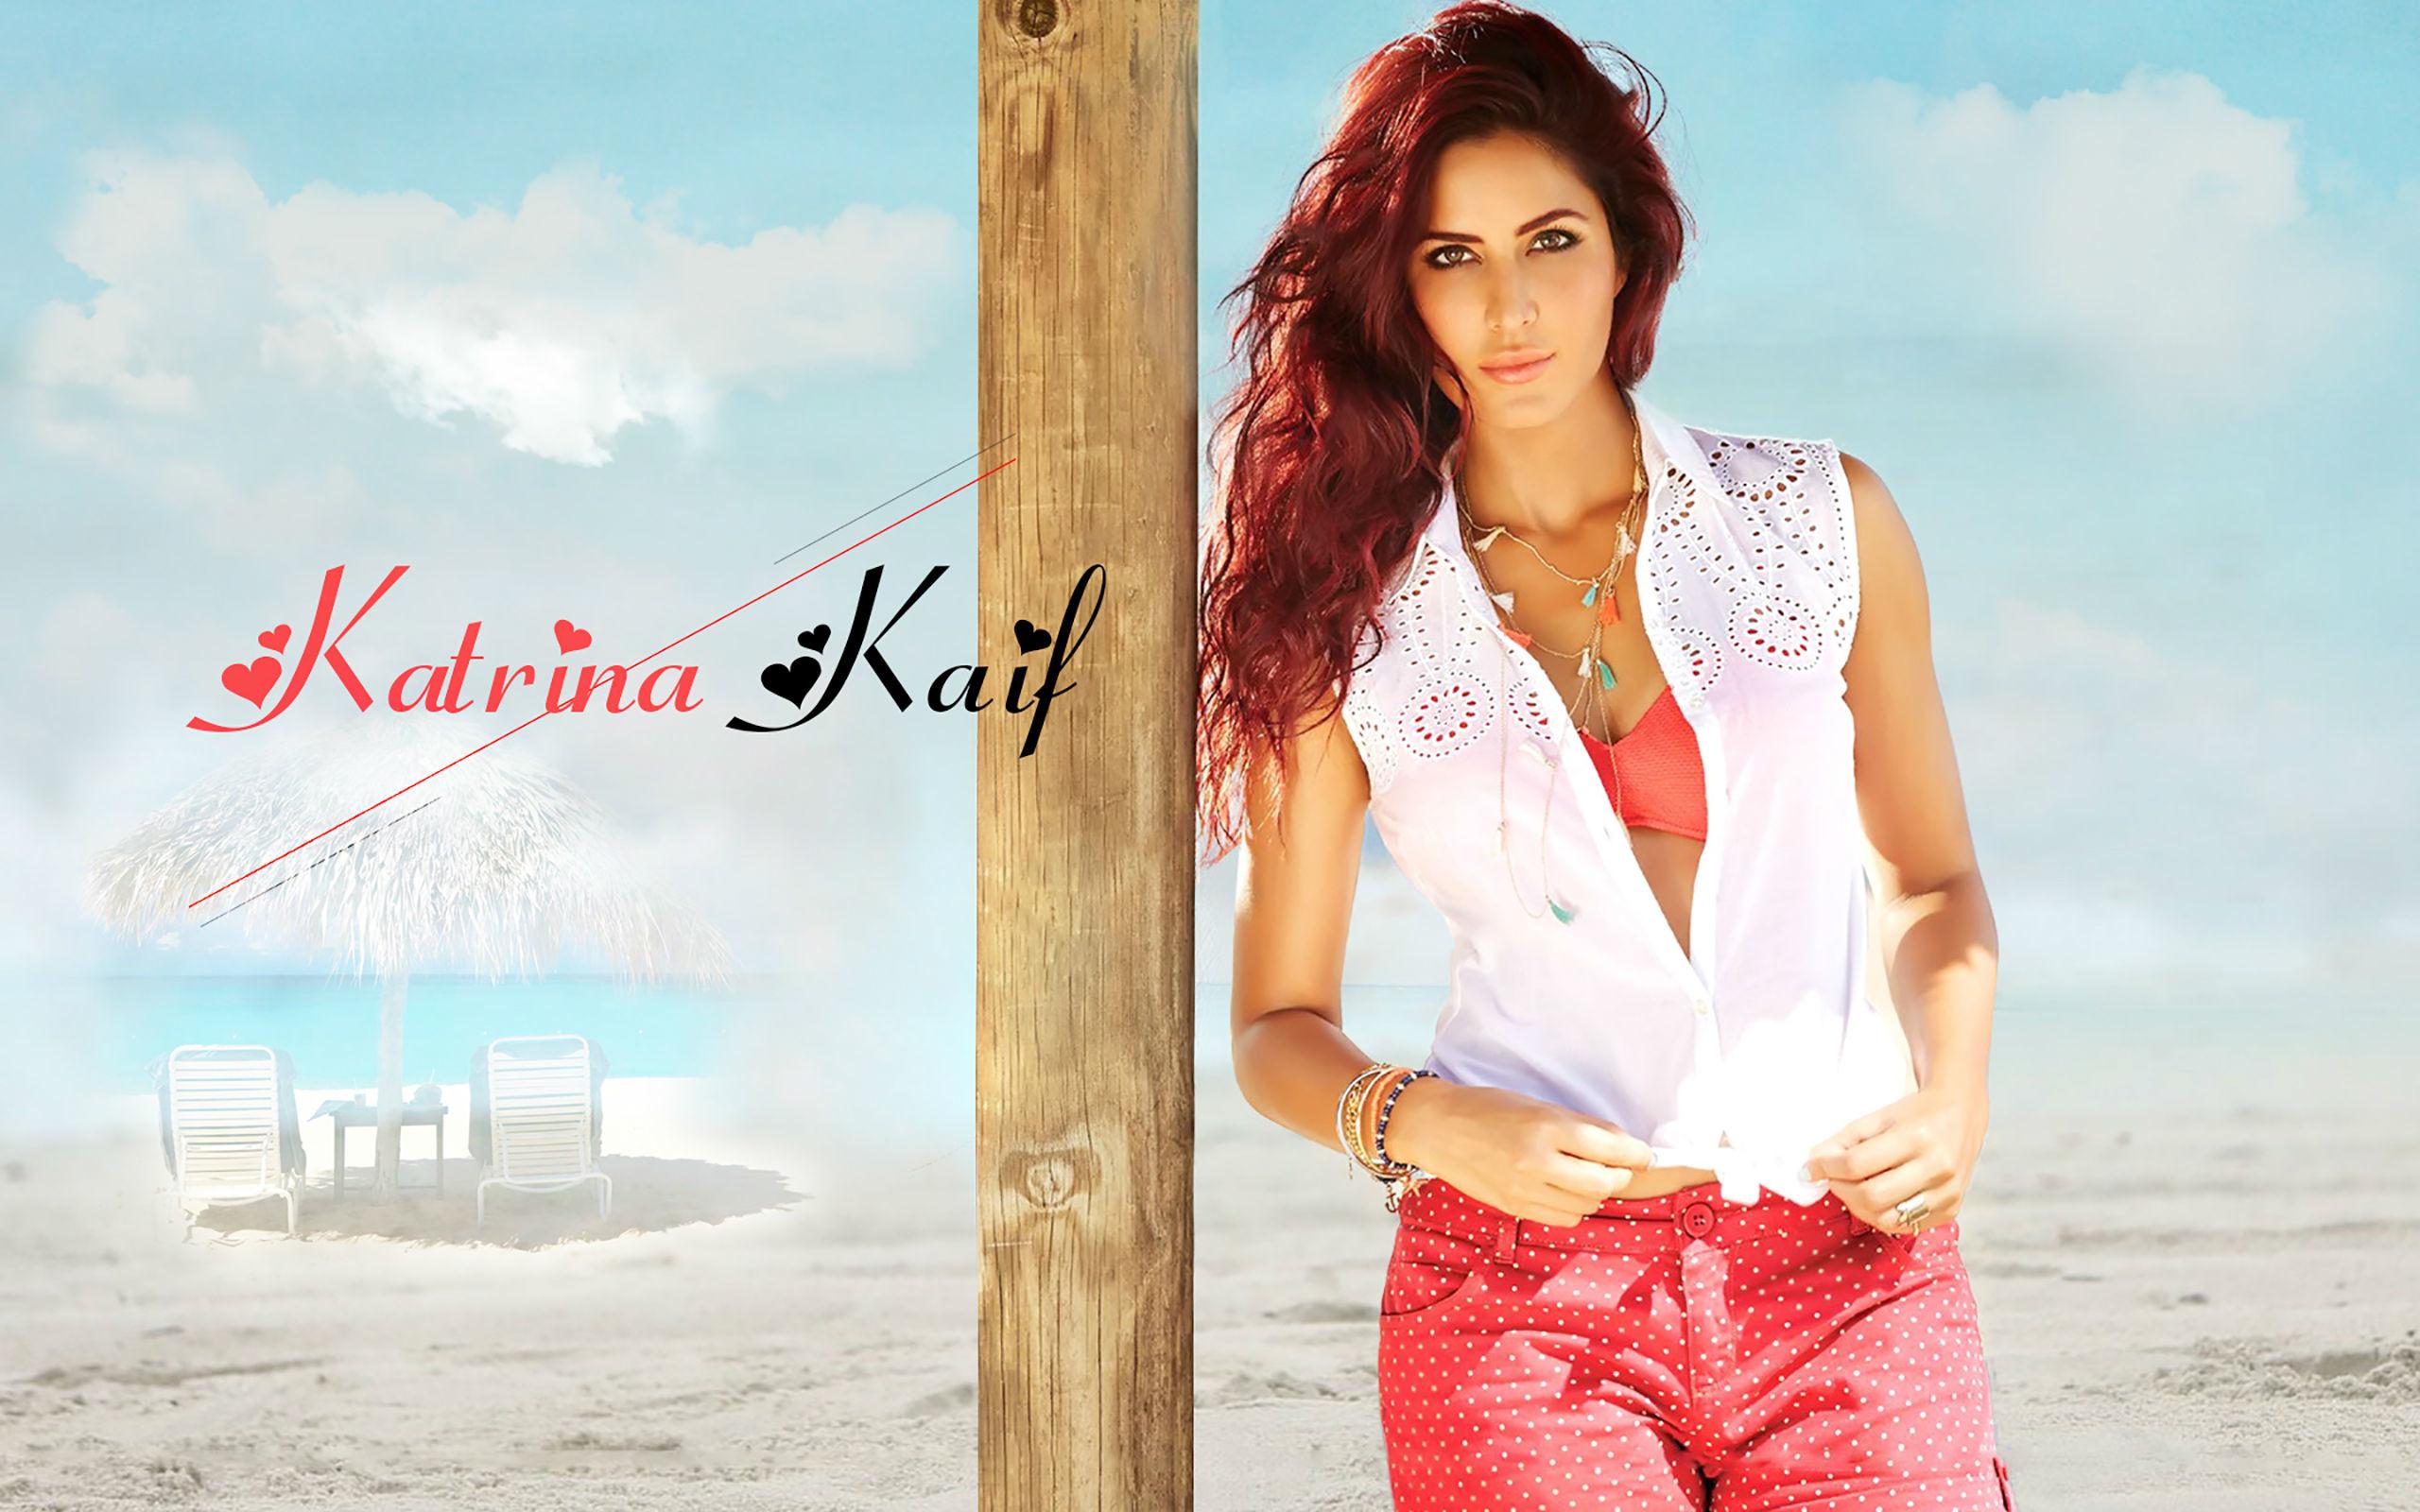 Katrina Kaif Beautiful HD Wallpaper